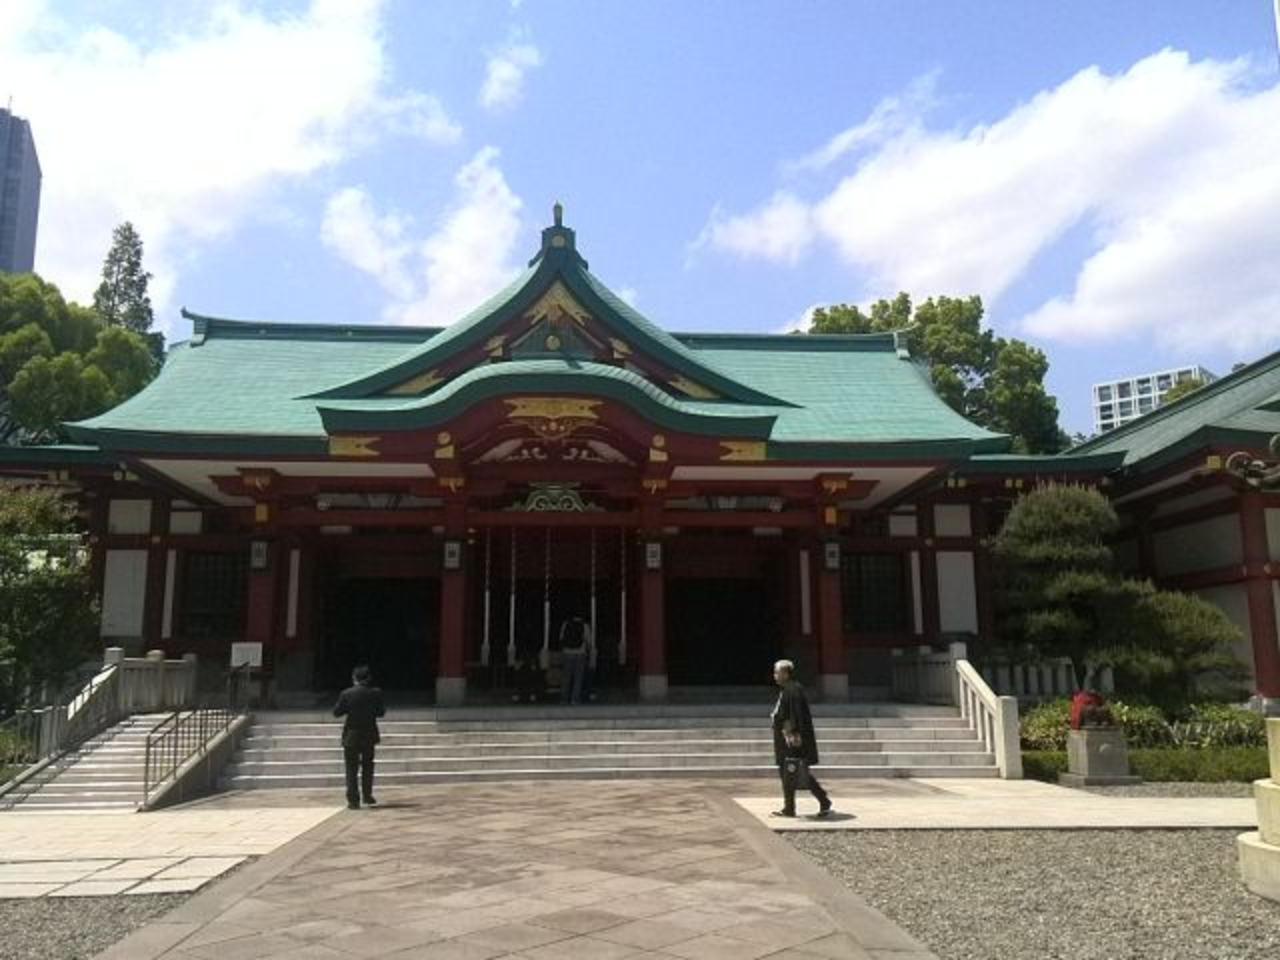 【11位】赤坂氷川神社 / 赤坂